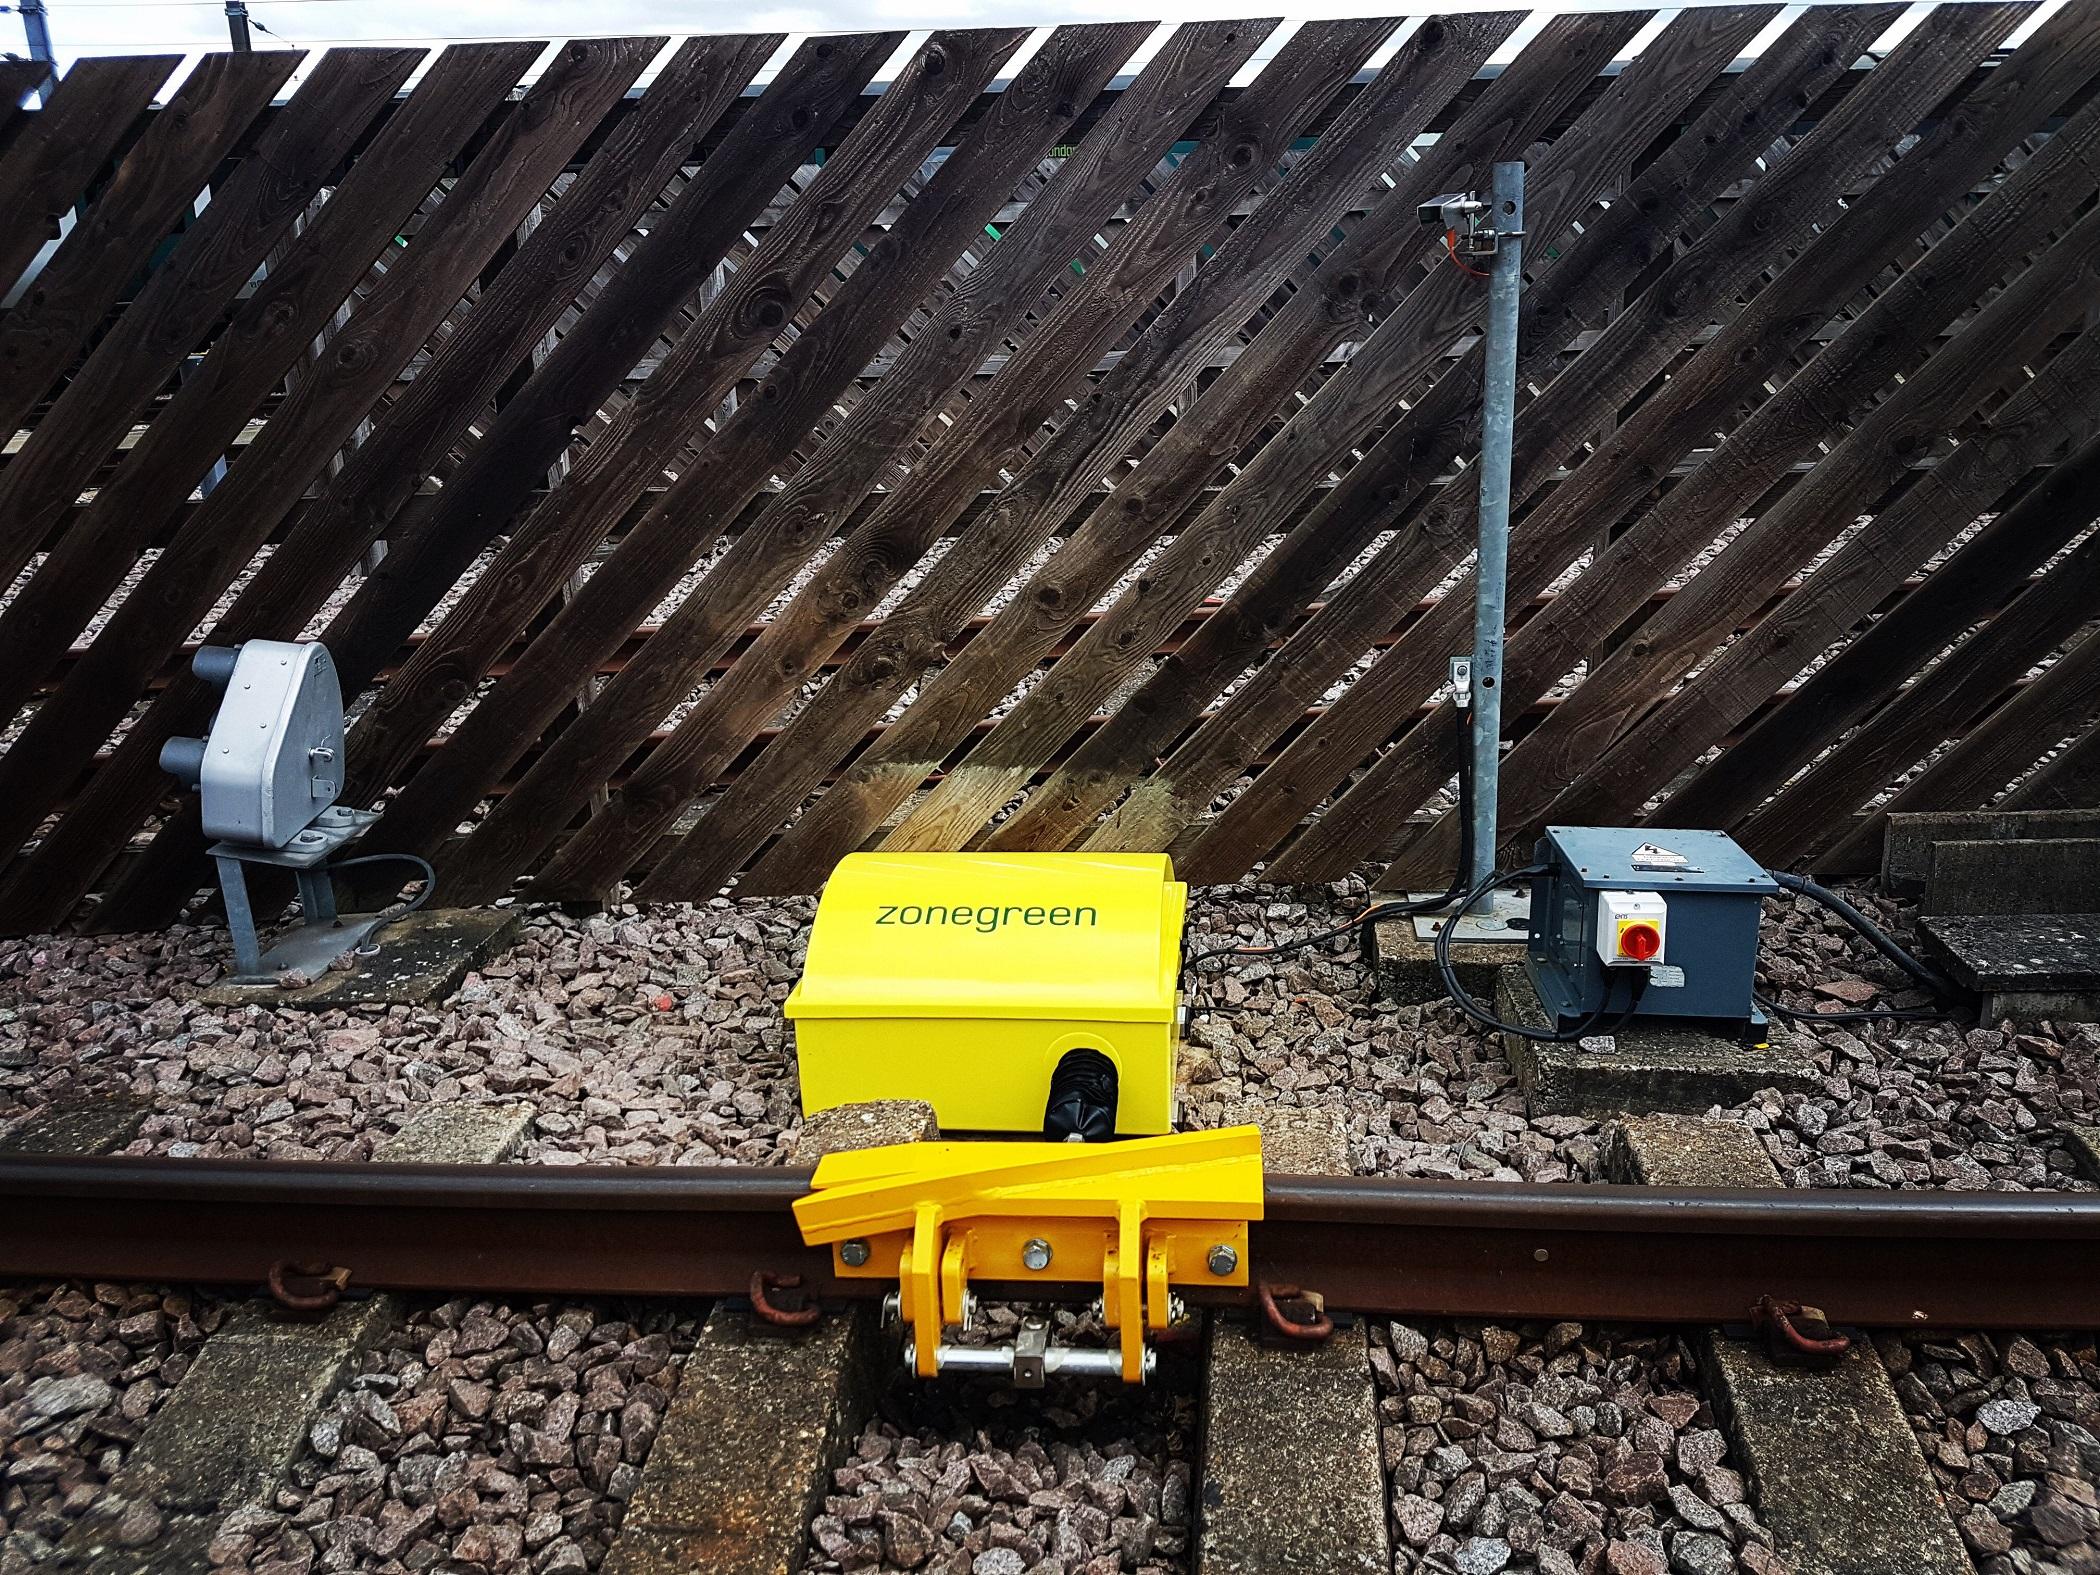 DPPS derailer laser